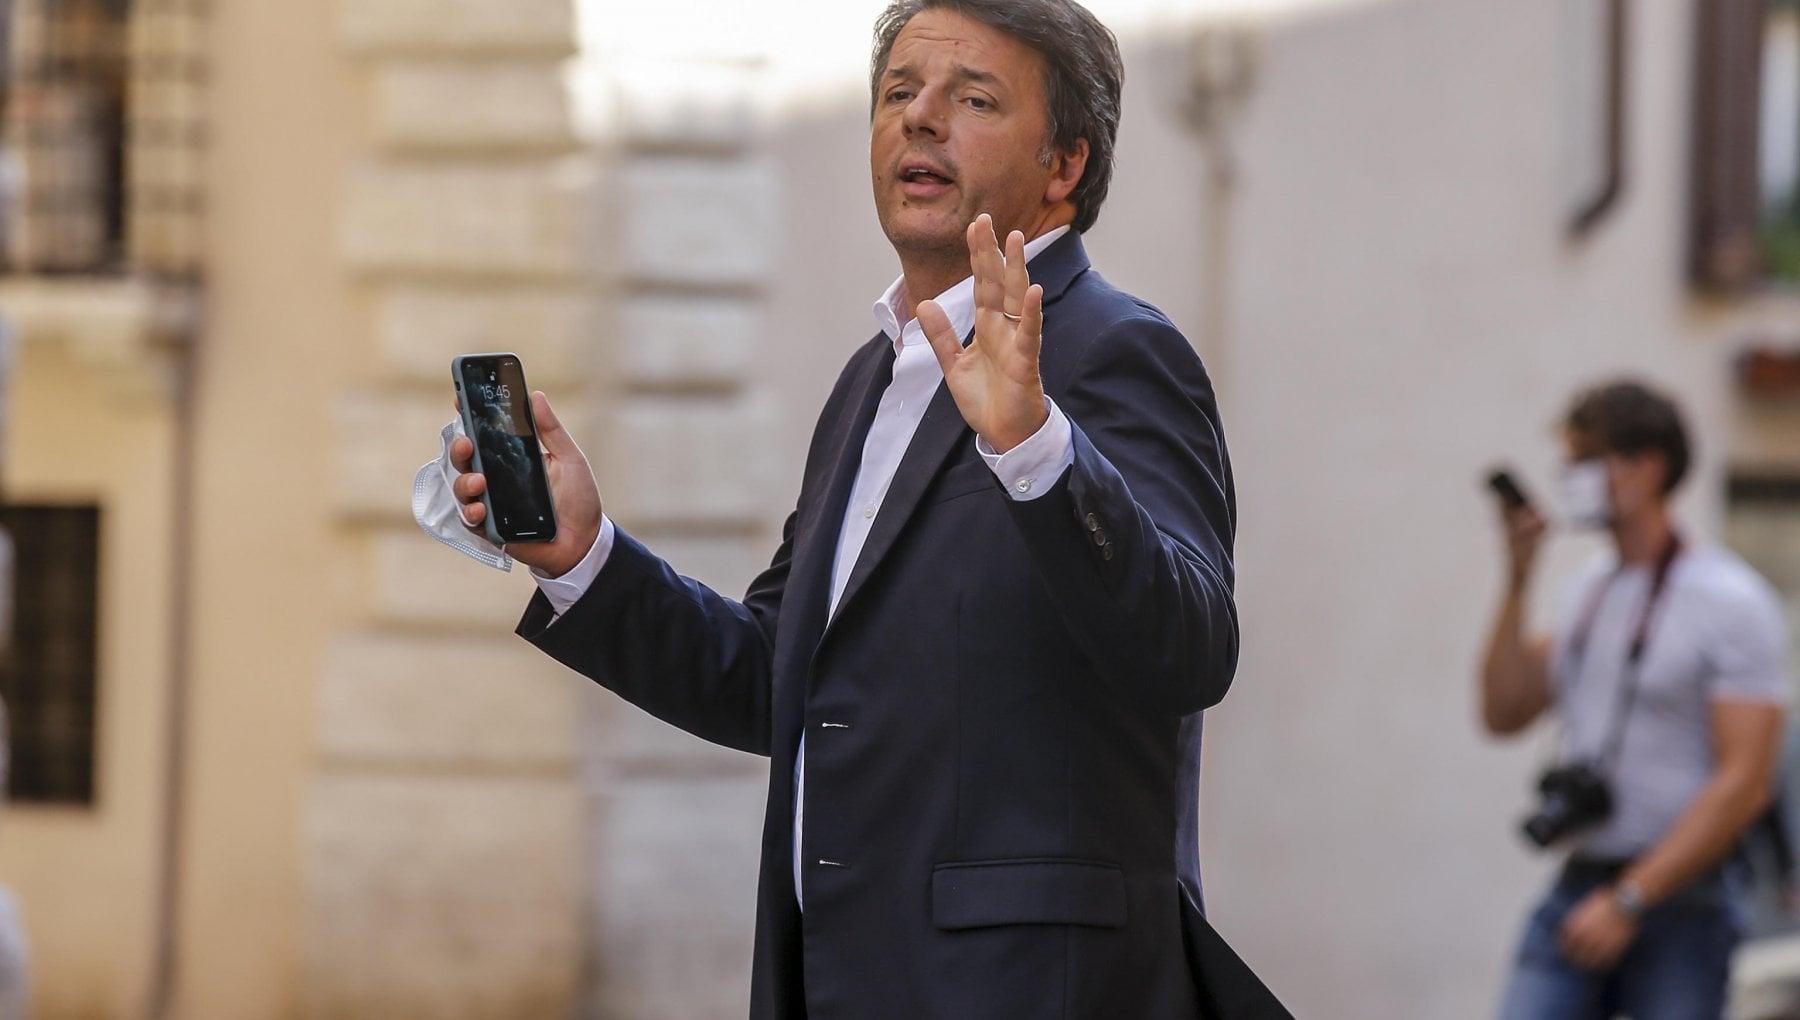 Renzi e Obama contro Trump per le elezioni Usa lultima teoria dei complottisti dellultradestra tira in causa lItalia